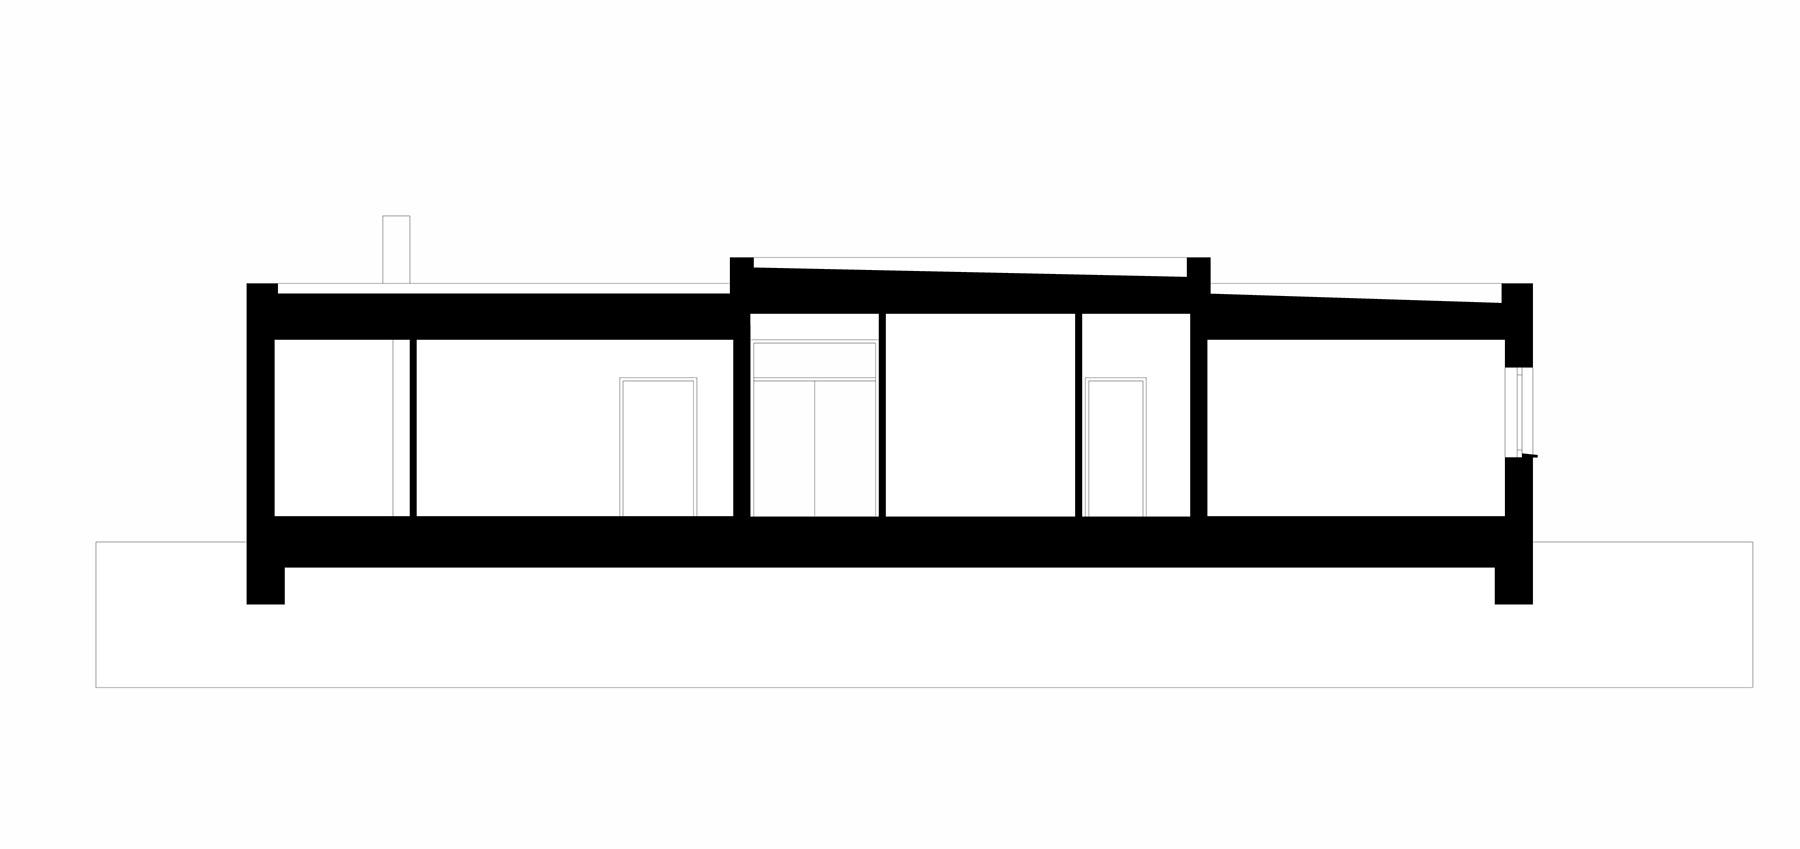 wunschhaus-haus-l144-Plan-Schnitt